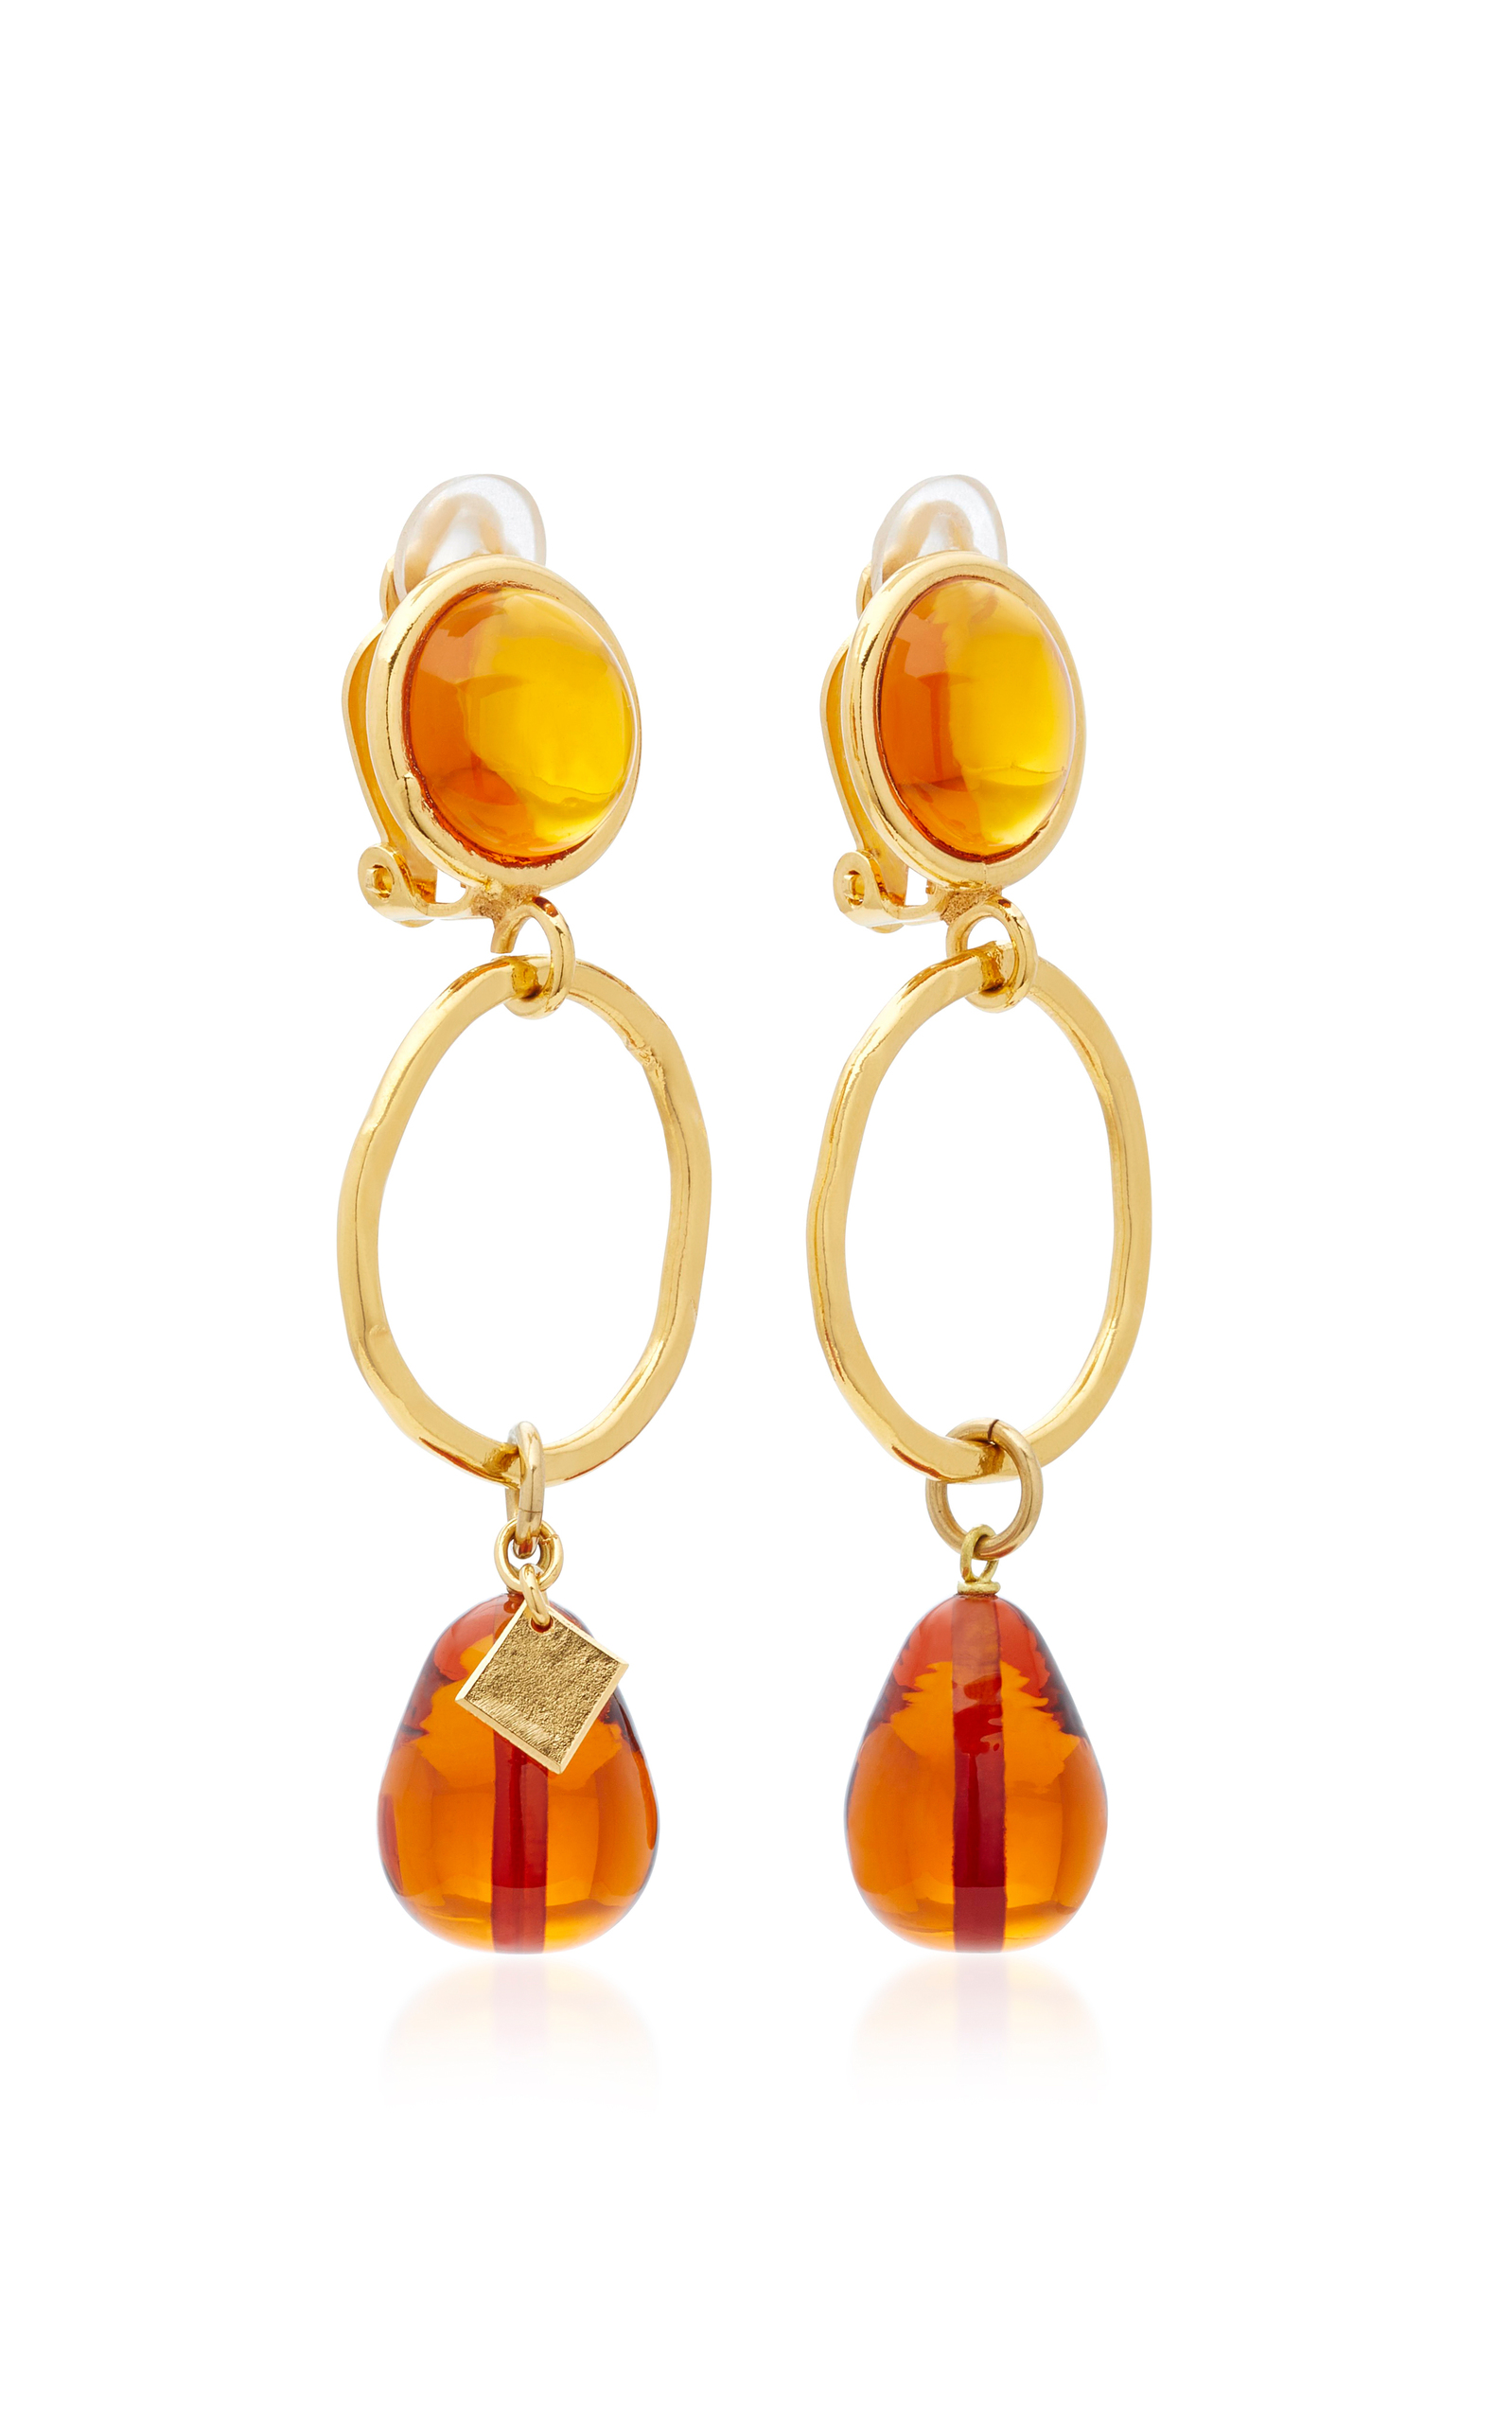 24k De Cristal Y Piedra Pendientes Chapados En Oro Loulou De La Falaise UzRlc4